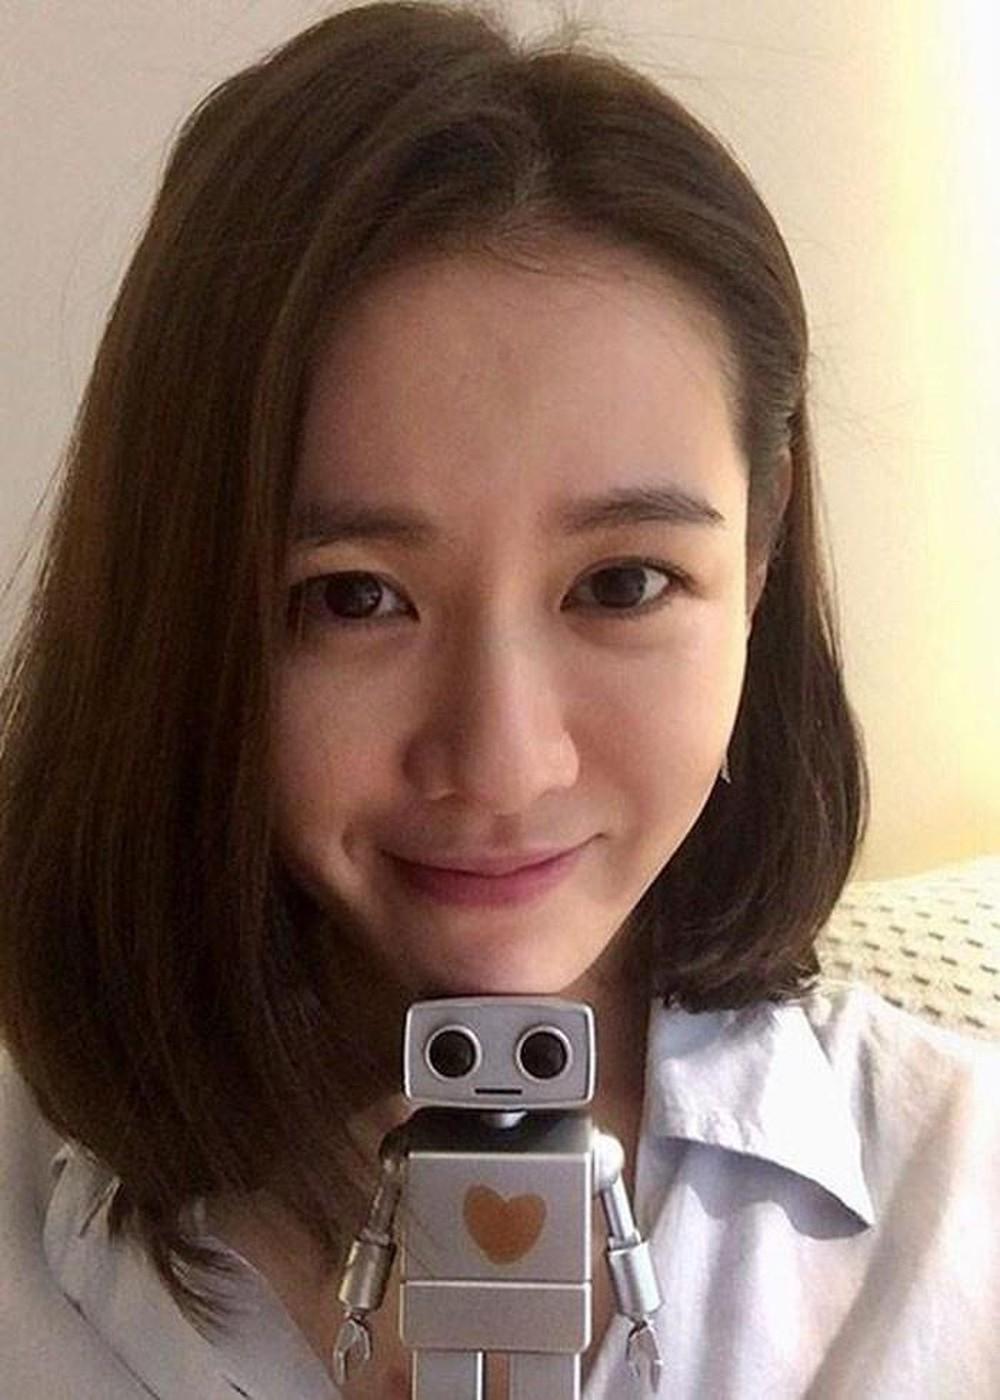 7 nữ thần mặt mộc xứ Hàn bật mí bước skincare quyết định da đẹp: Toàn mẹo đơn giản ai cũng áp dụng được - Ảnh 3.